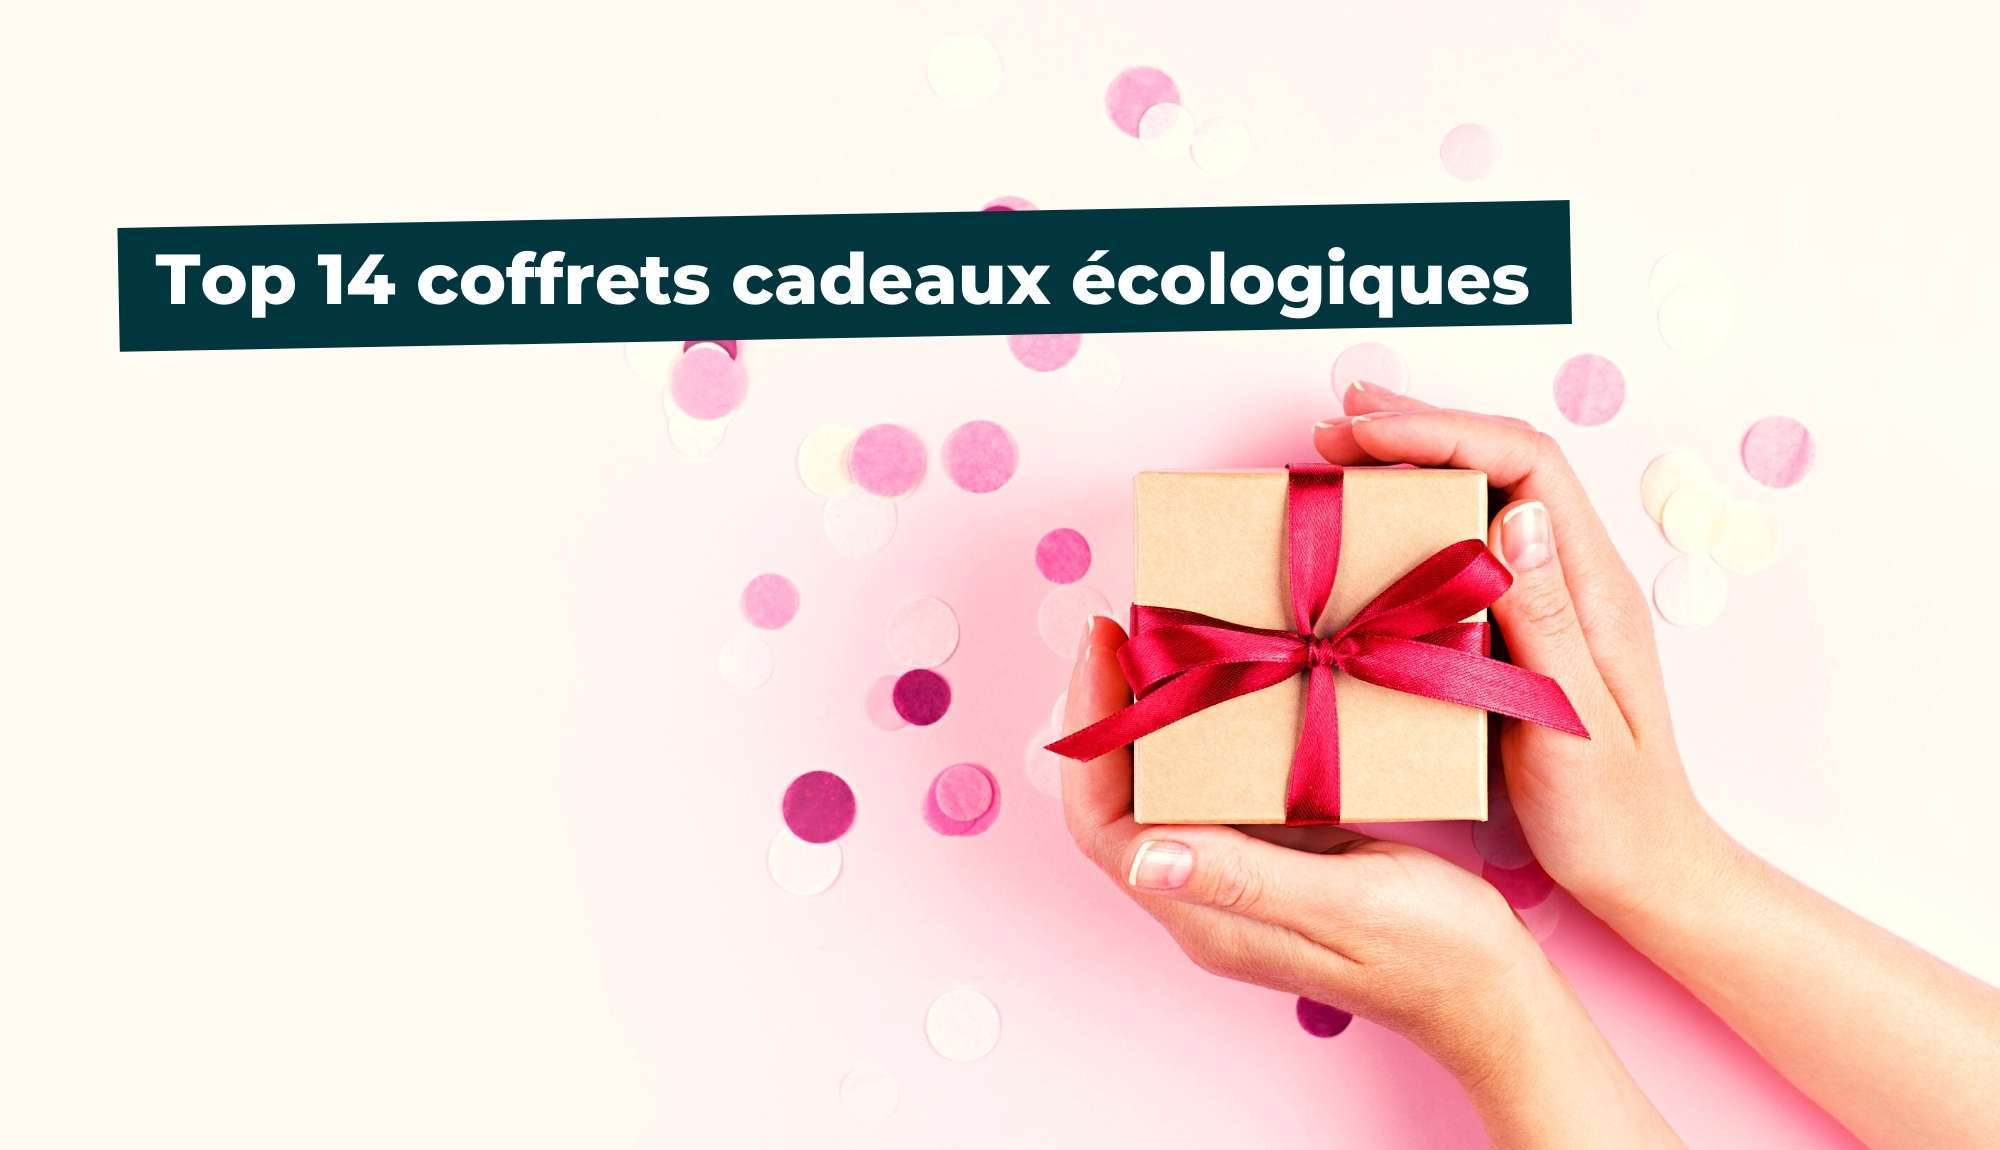 Top 14 des coffrets cadeaux écologiques